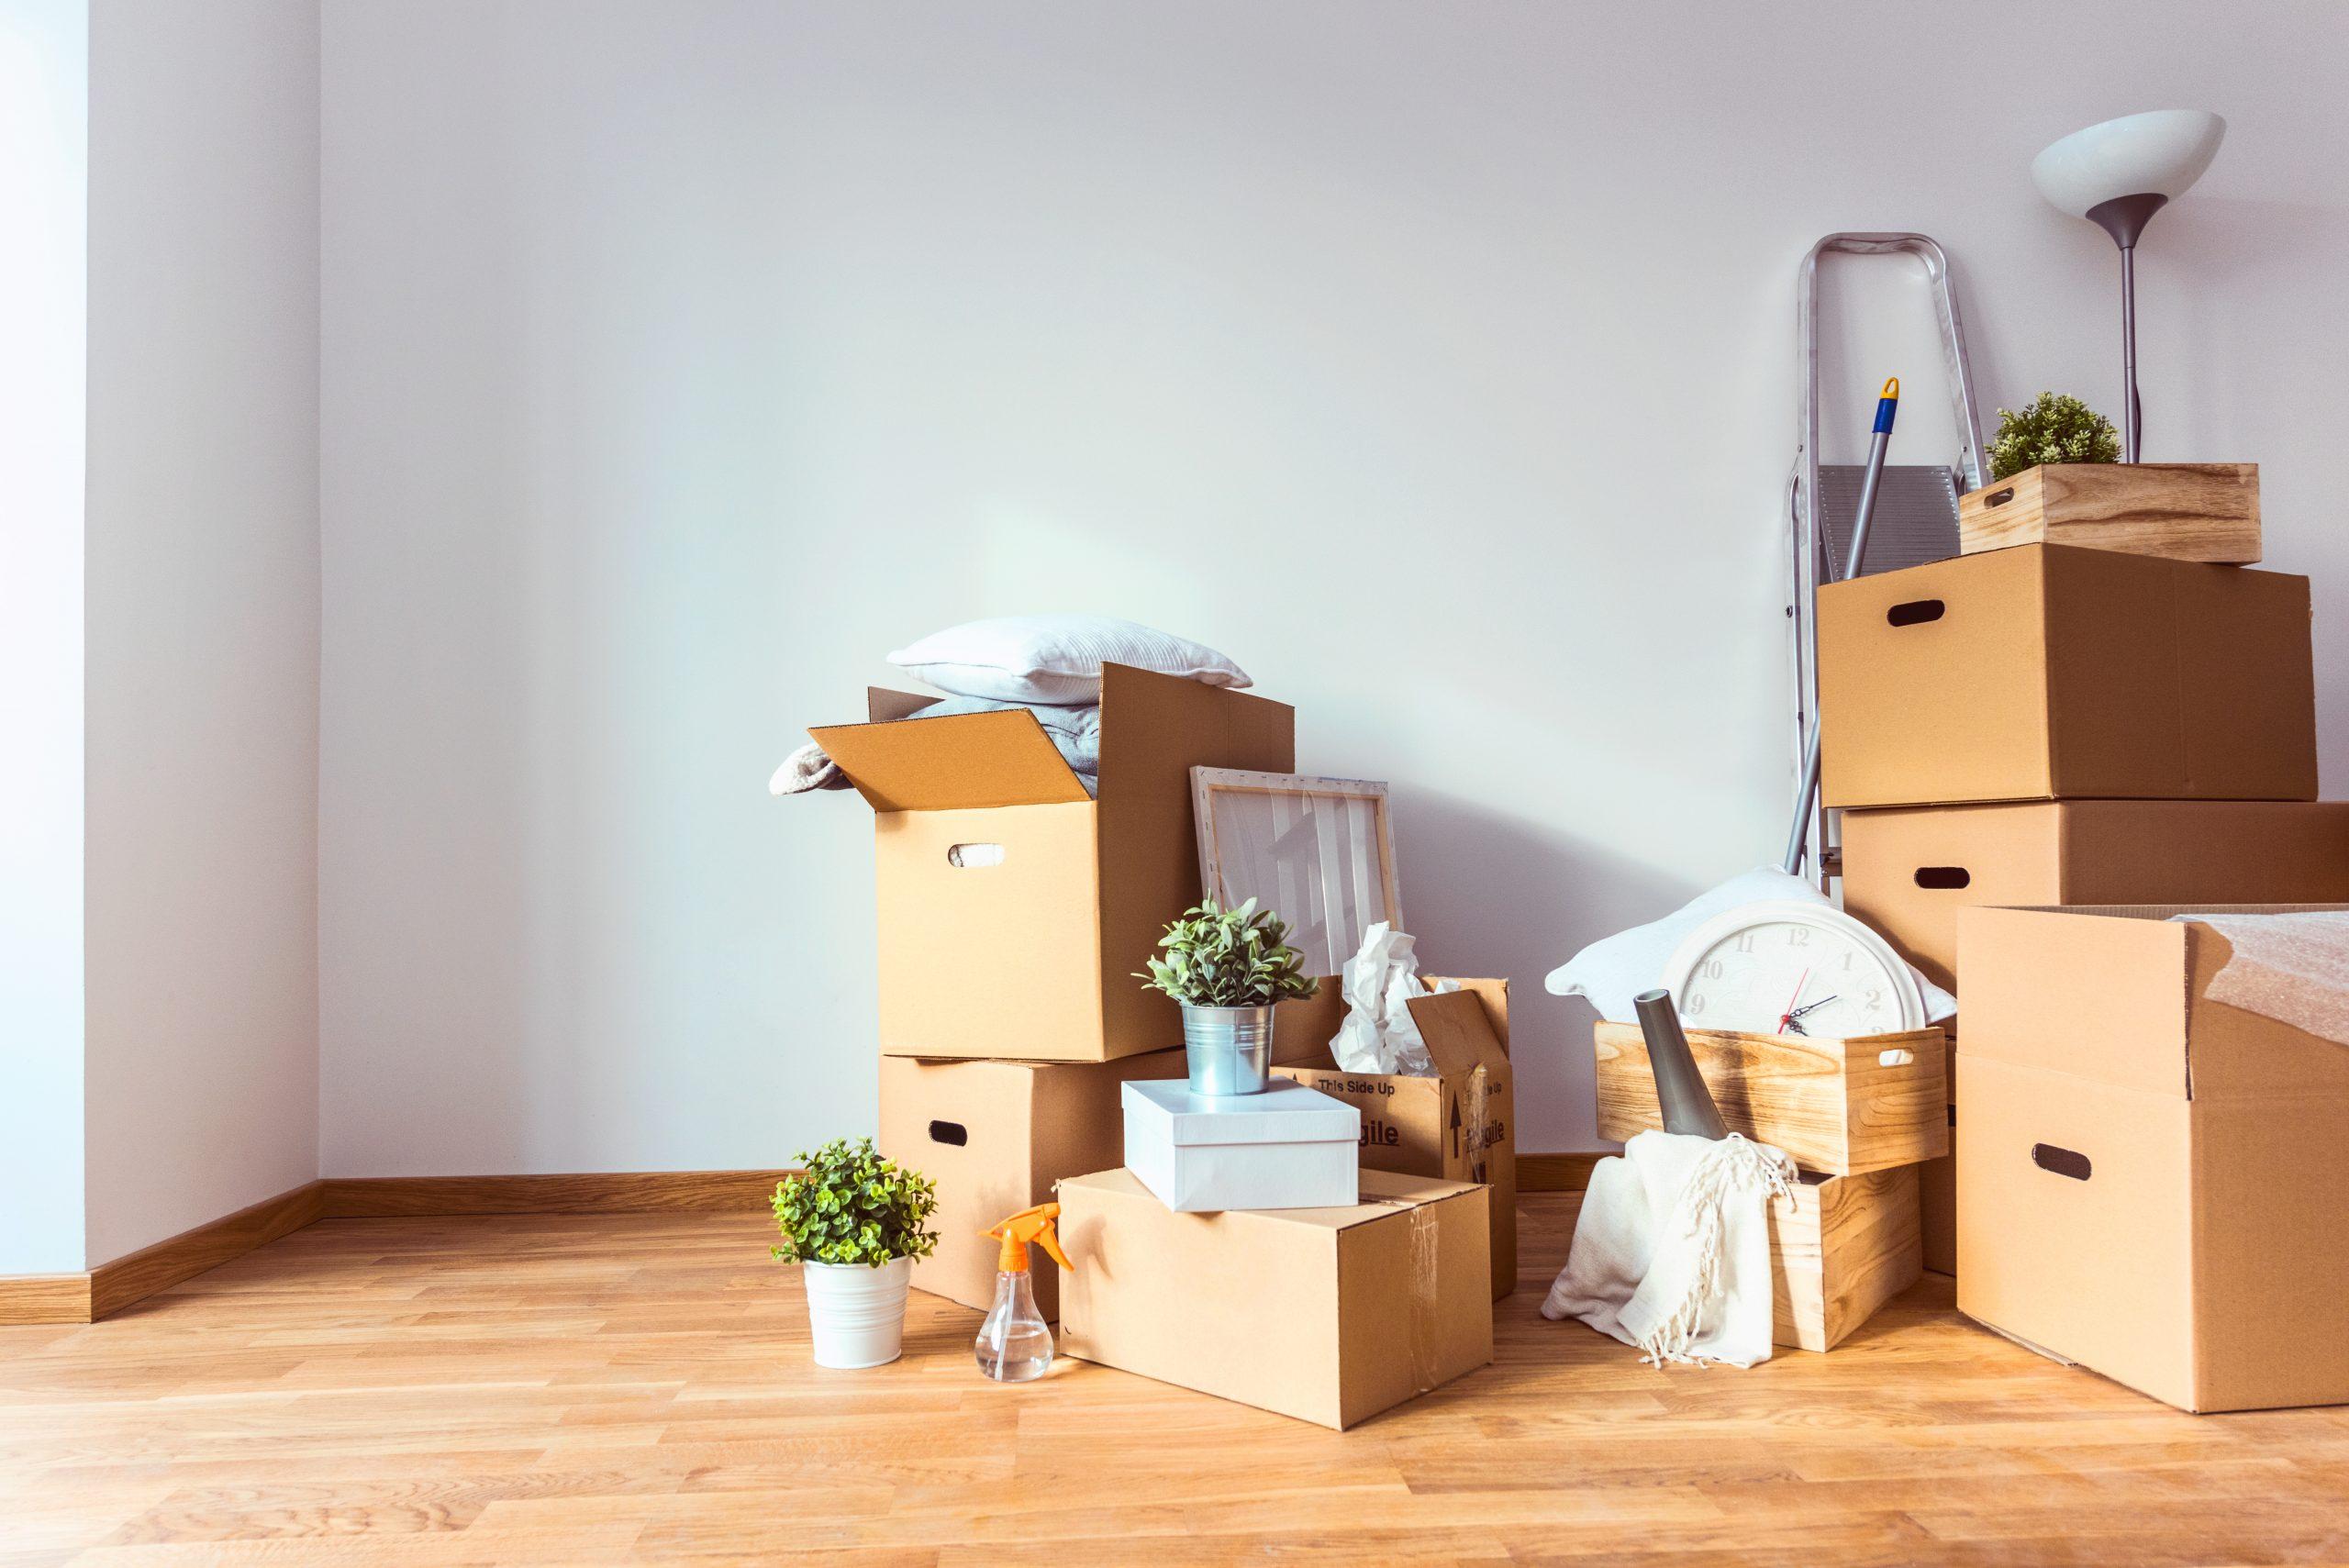 初めてのひとり暮らし、引っ越しにかかる費用の相場はいくら?